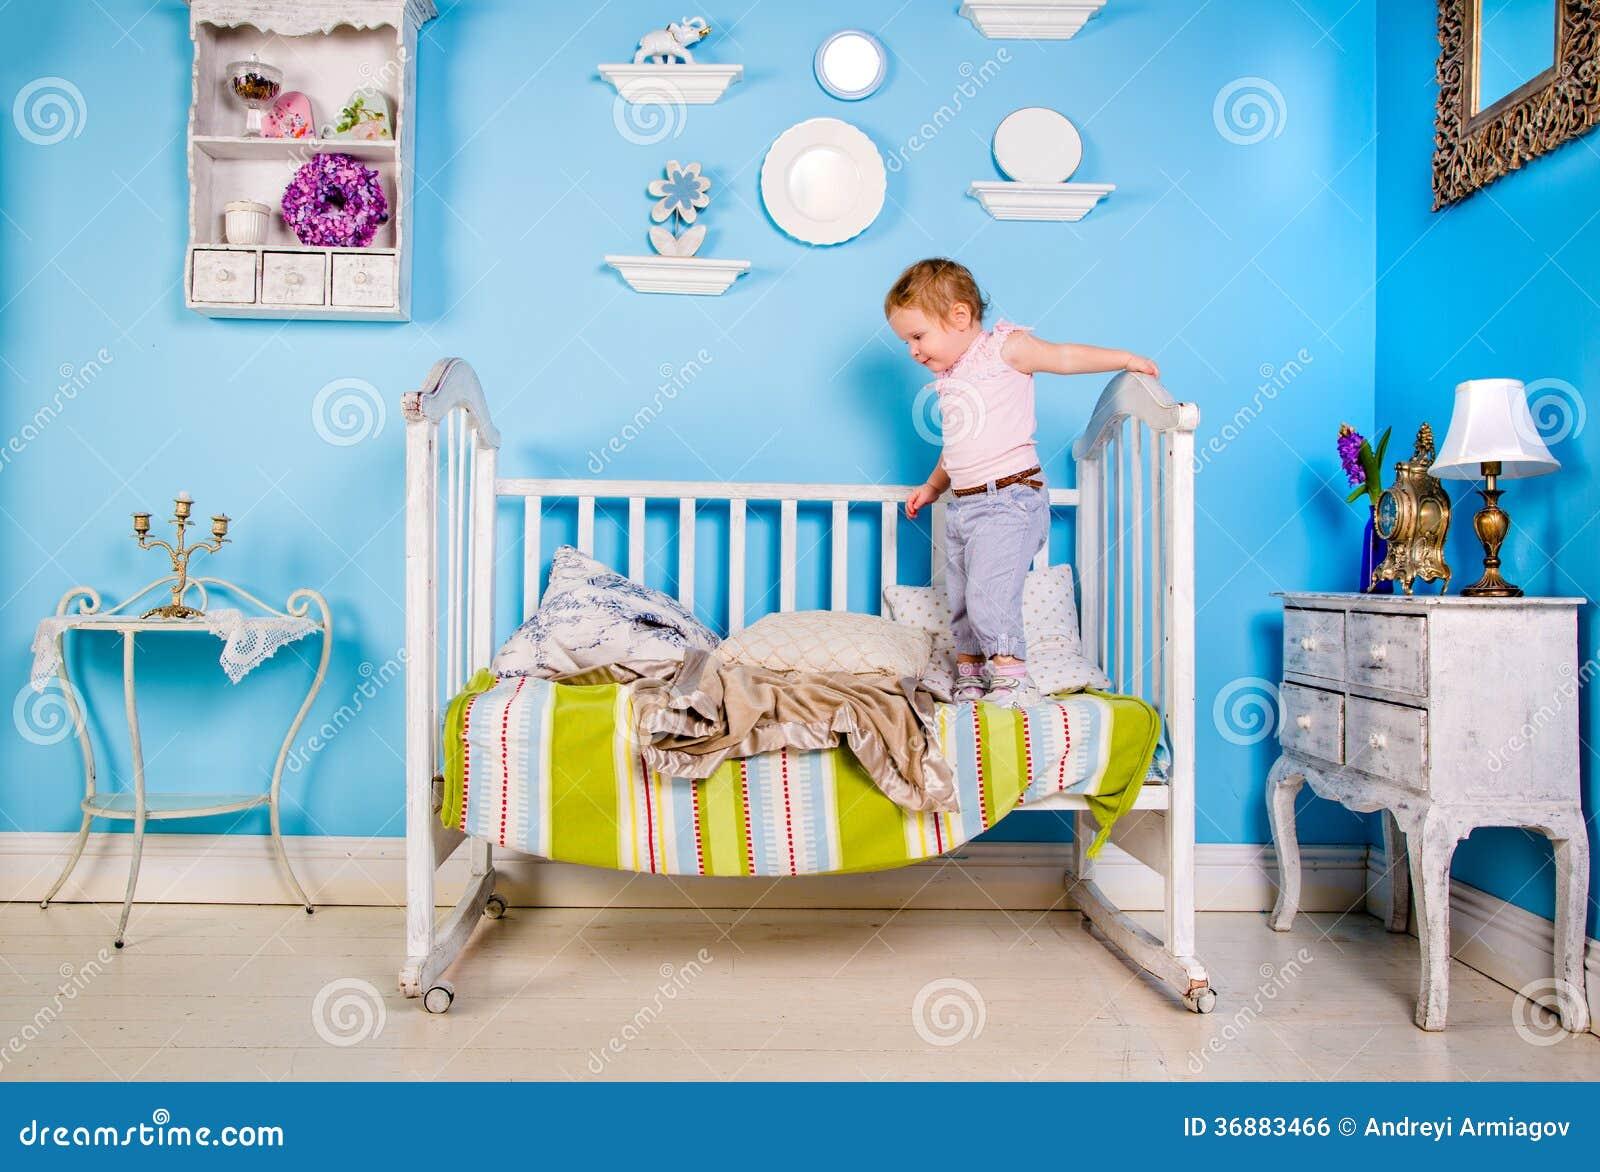 Download Bambino sul letto fotografia stock. Immagine di innocent - 36883466